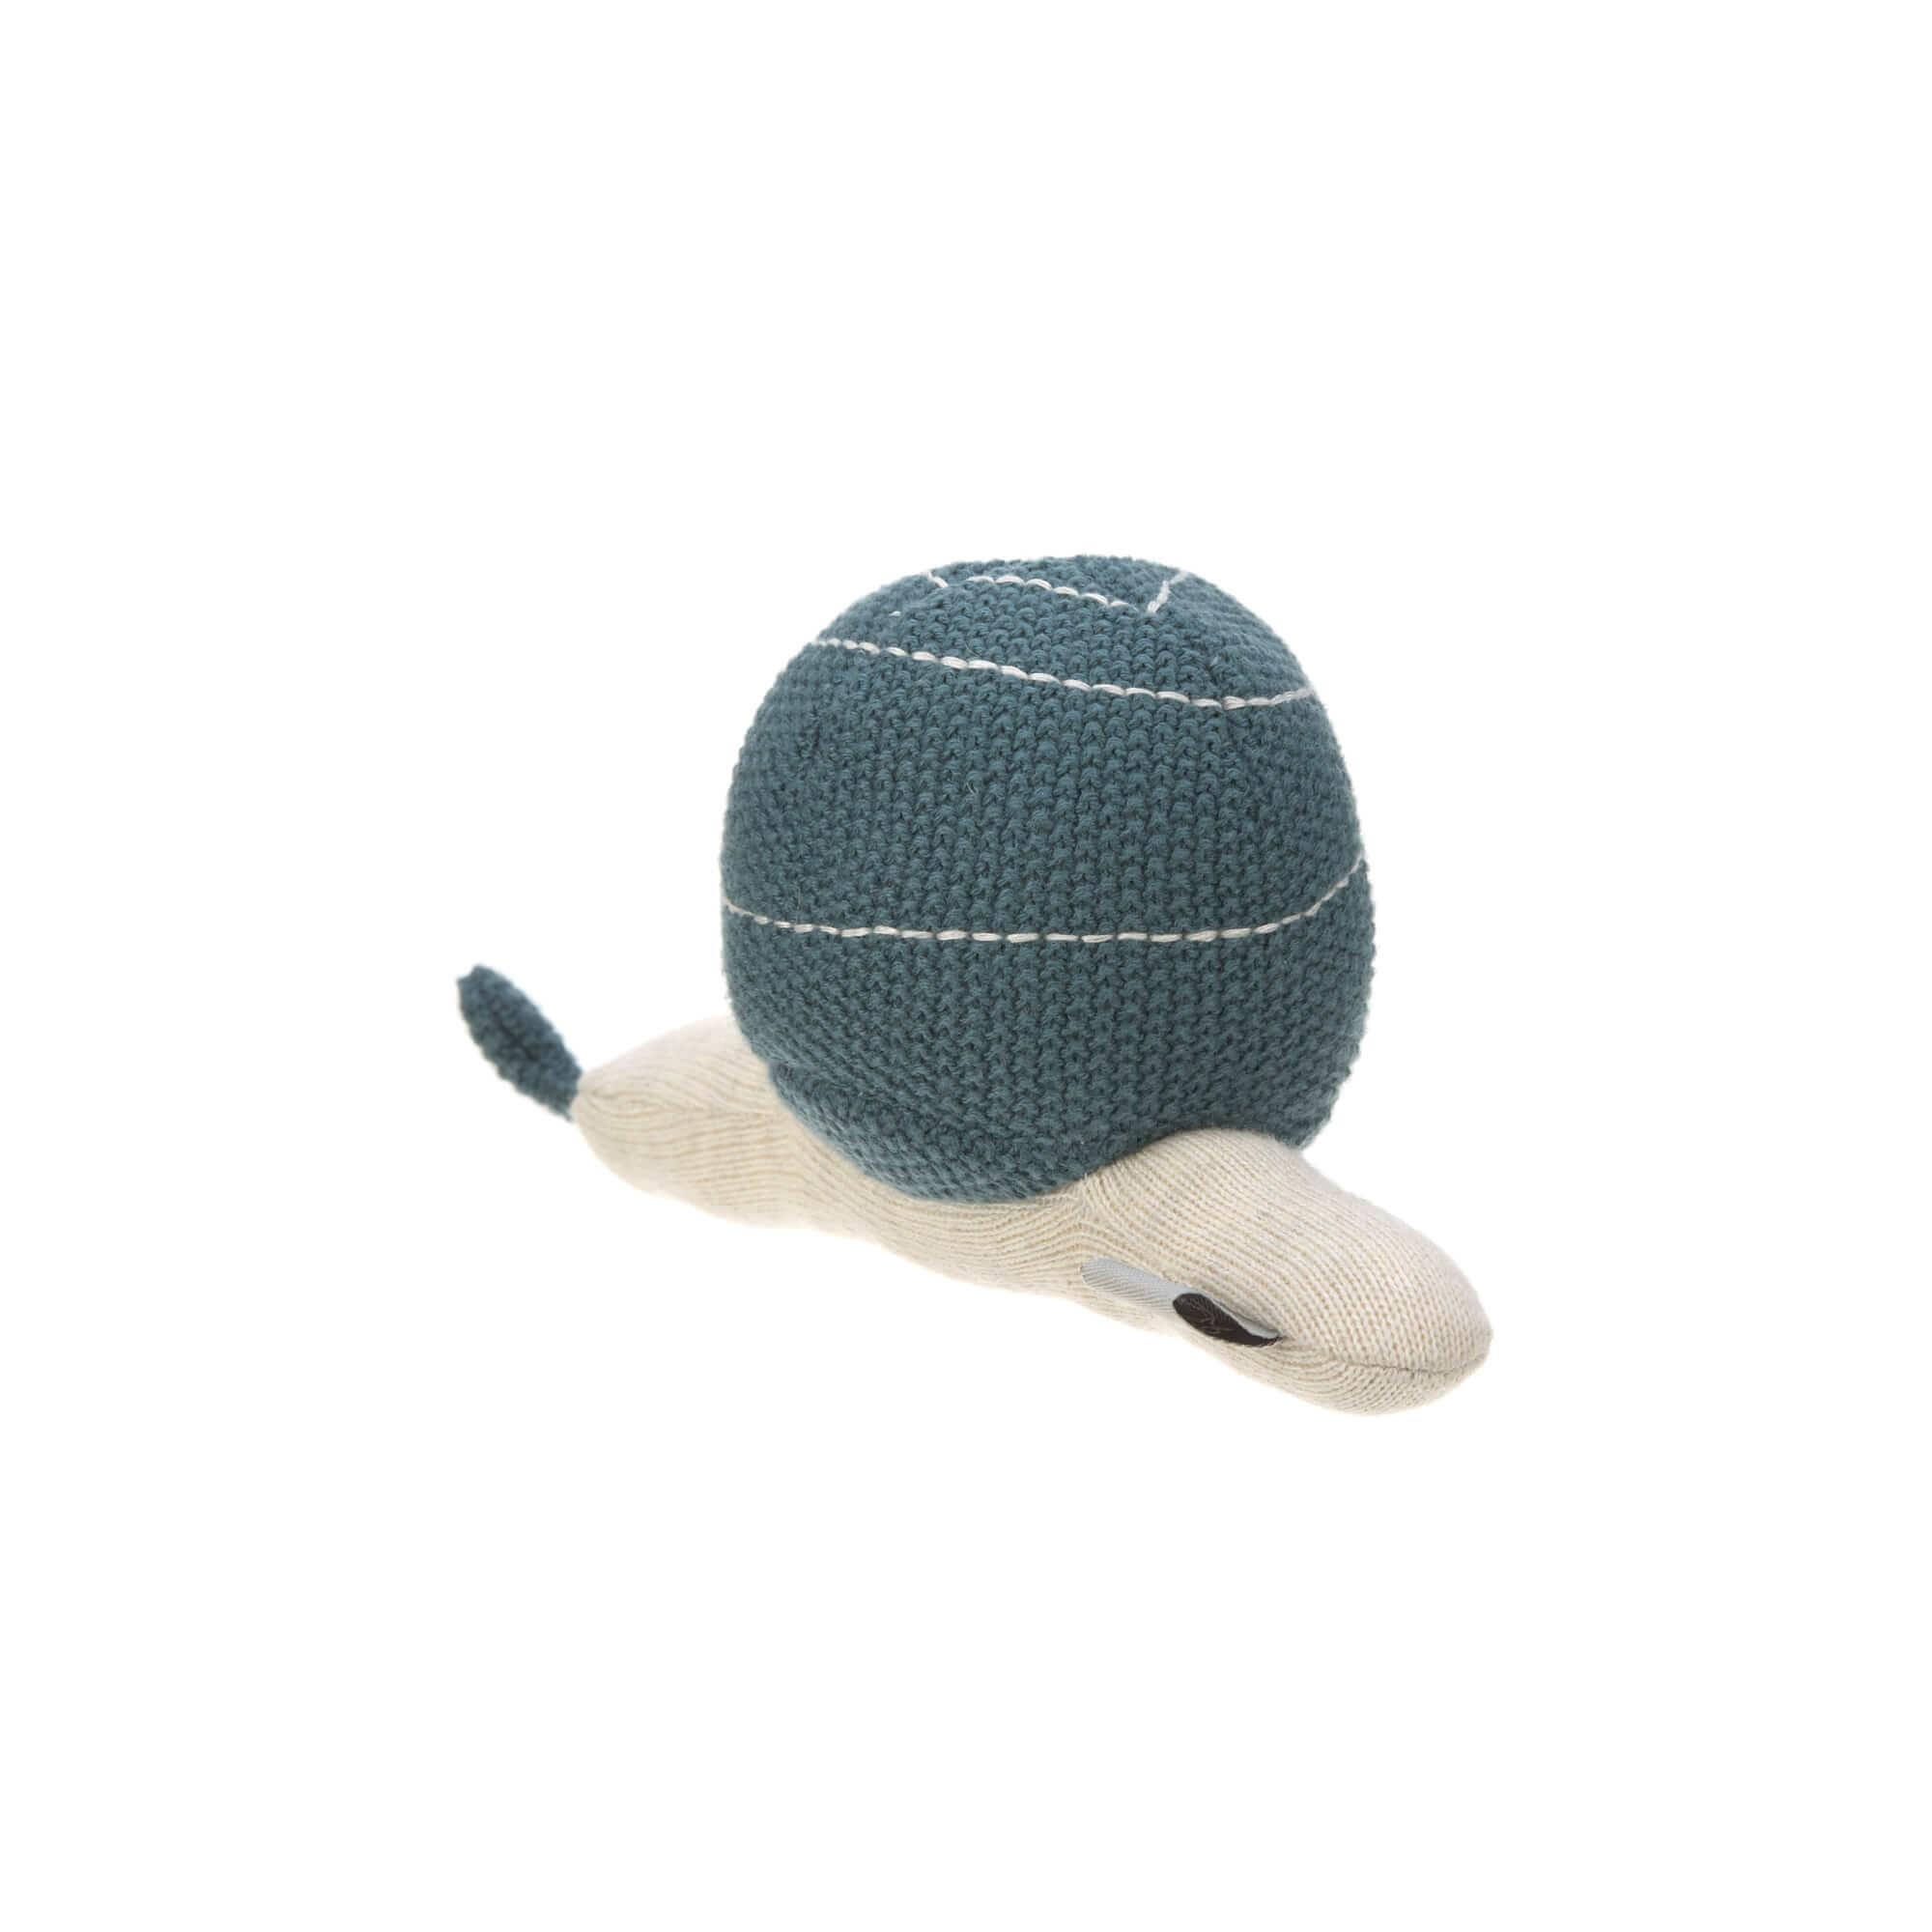 Lässig Lässig Strickspielzeug und Kuscheltier mit Rassel Garden Explorer Schnecke blau